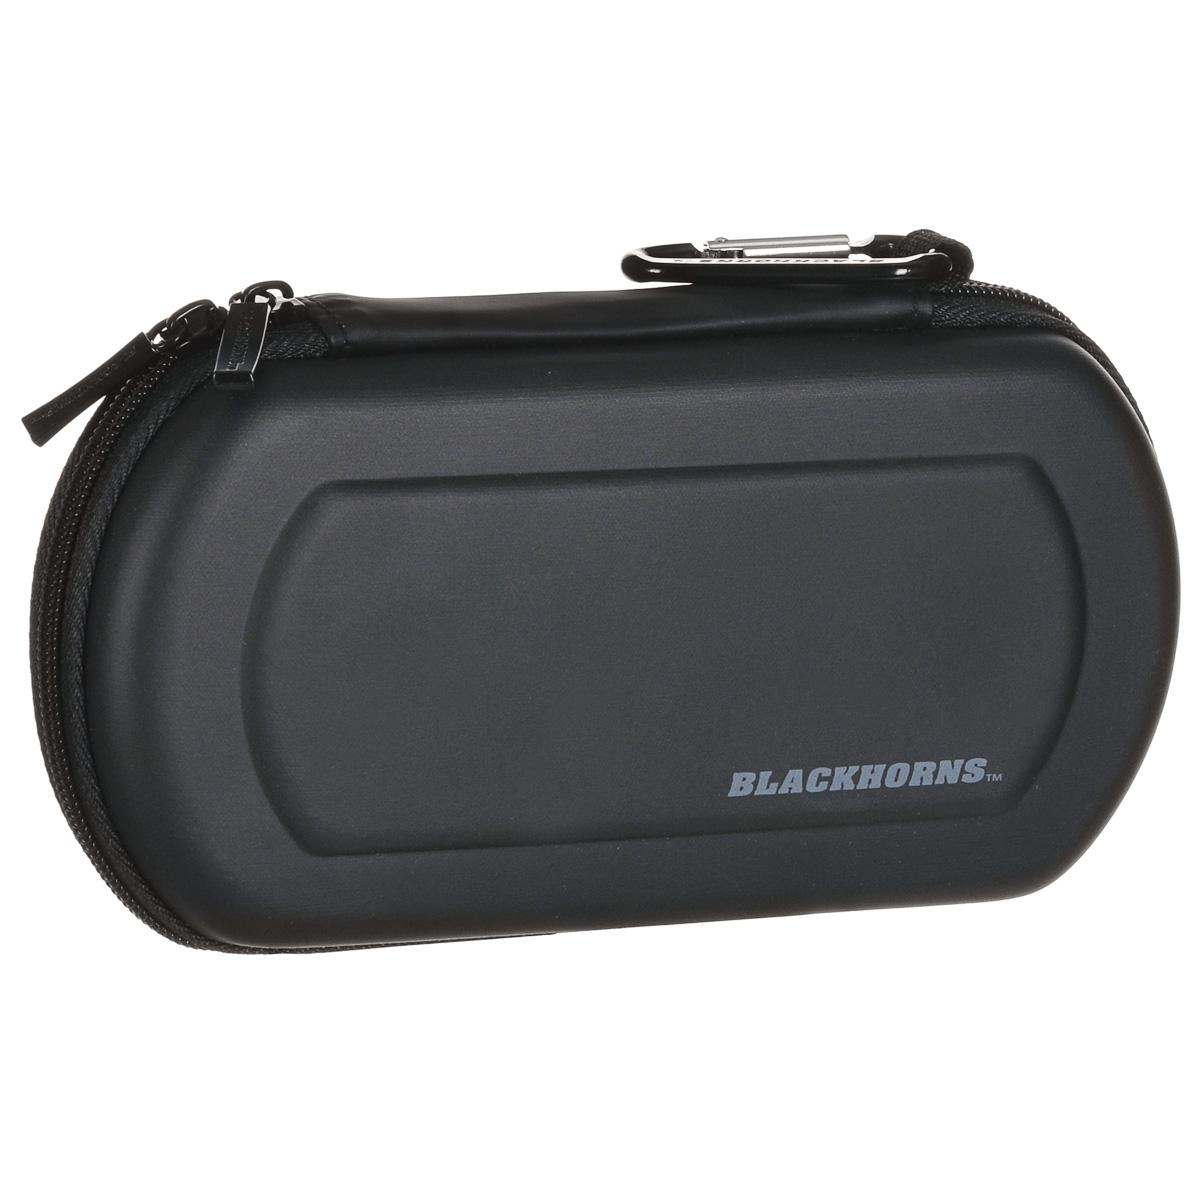 Защитный чехол Black Horns для Sony PSP E1000/2000/3000 (New Version), черный